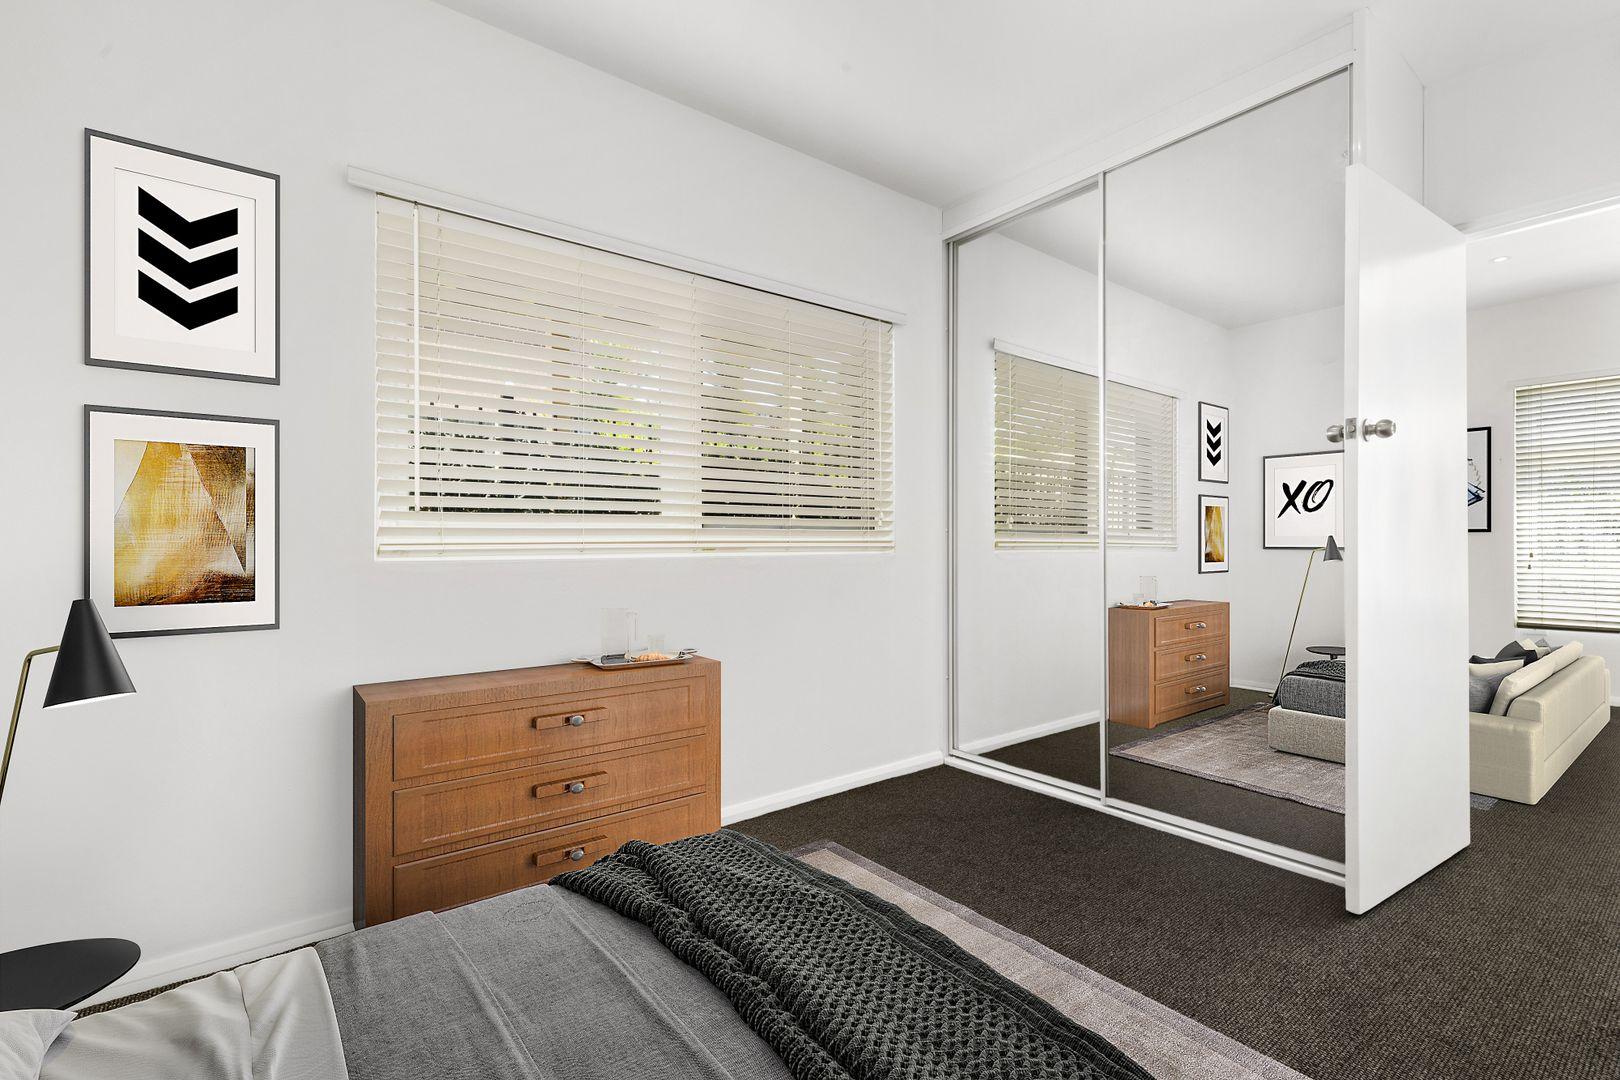 5/12 Jutland Avenue, Wollongong NSW 2500, Image 2